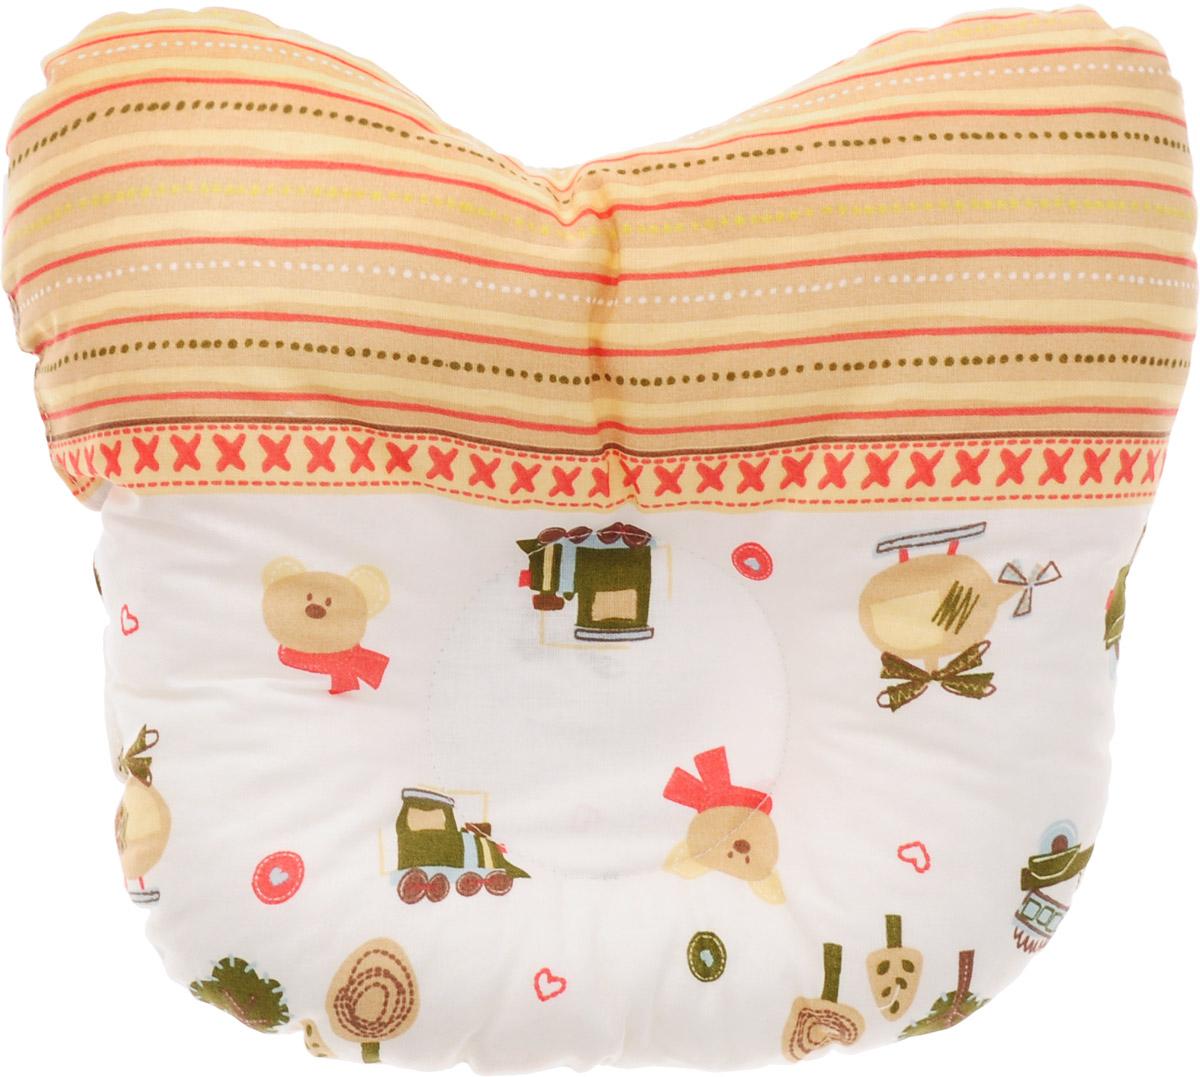 Сонный гномик Подушка анатомическая для младенцев Машинки и мишки 27 х 27 см -  Детский текстиль